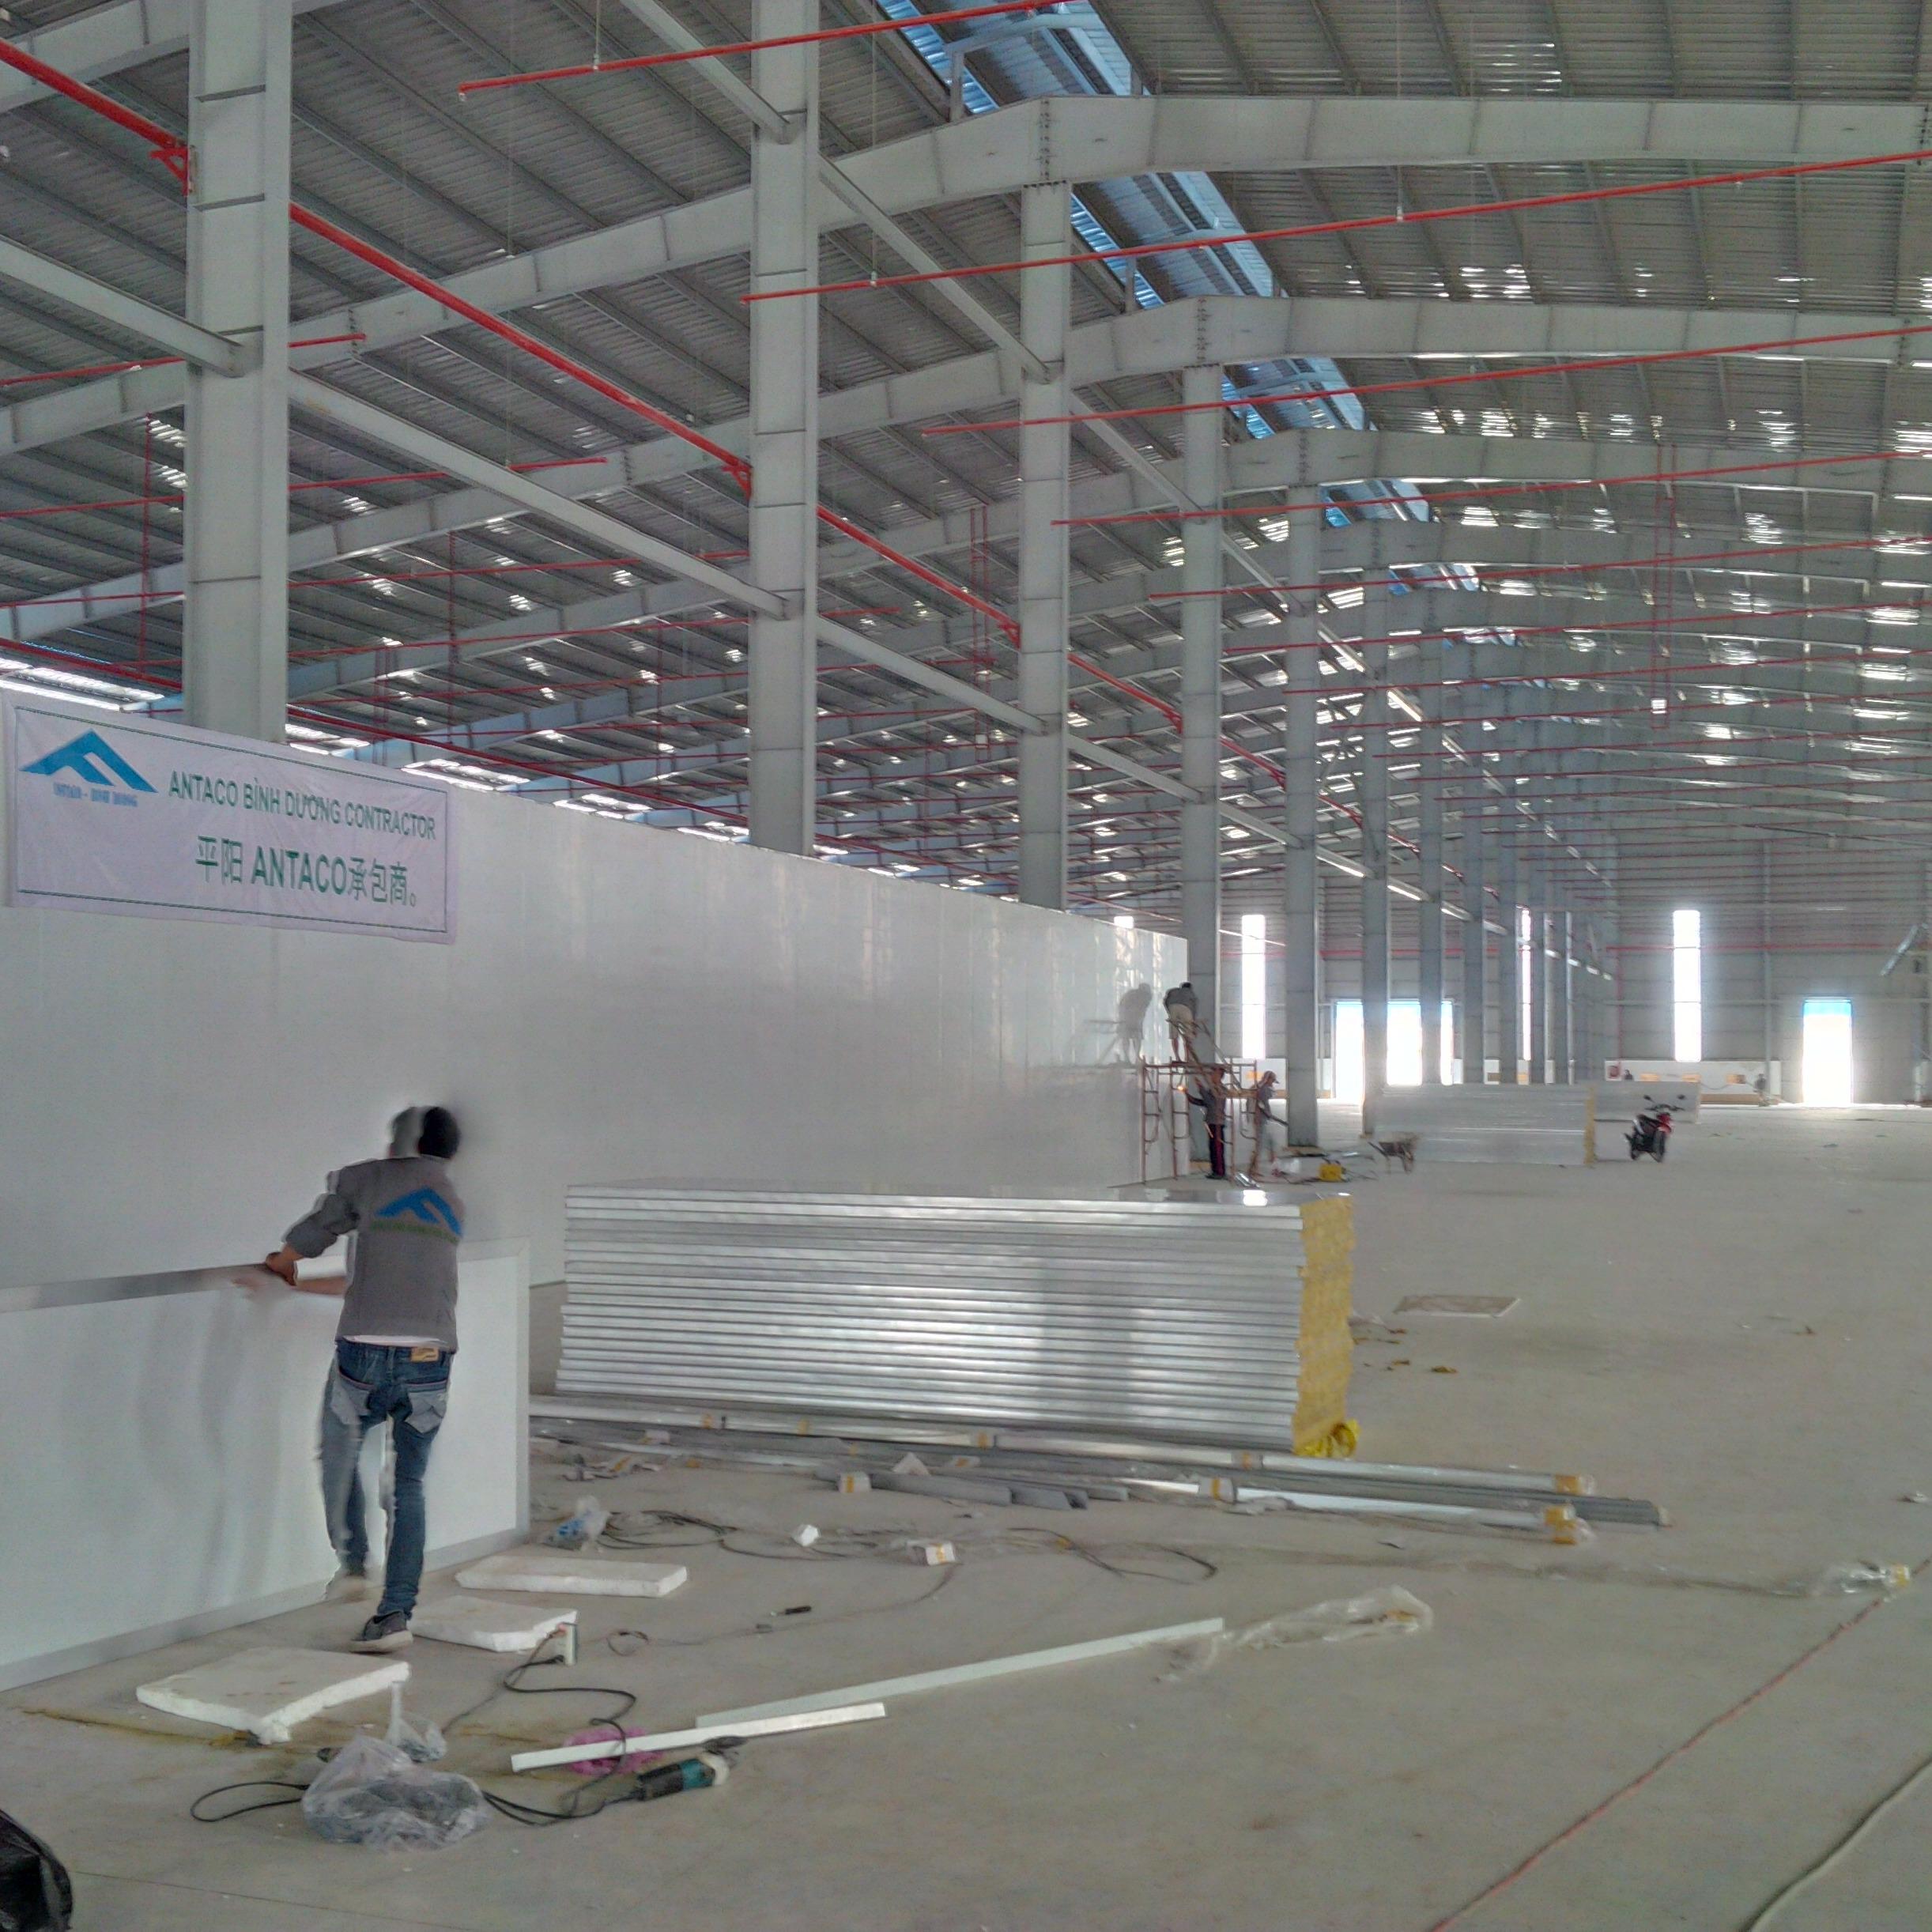 Báo giá thiết kế thi công lắp đặt hệ thống kho lạnh công nghiệp